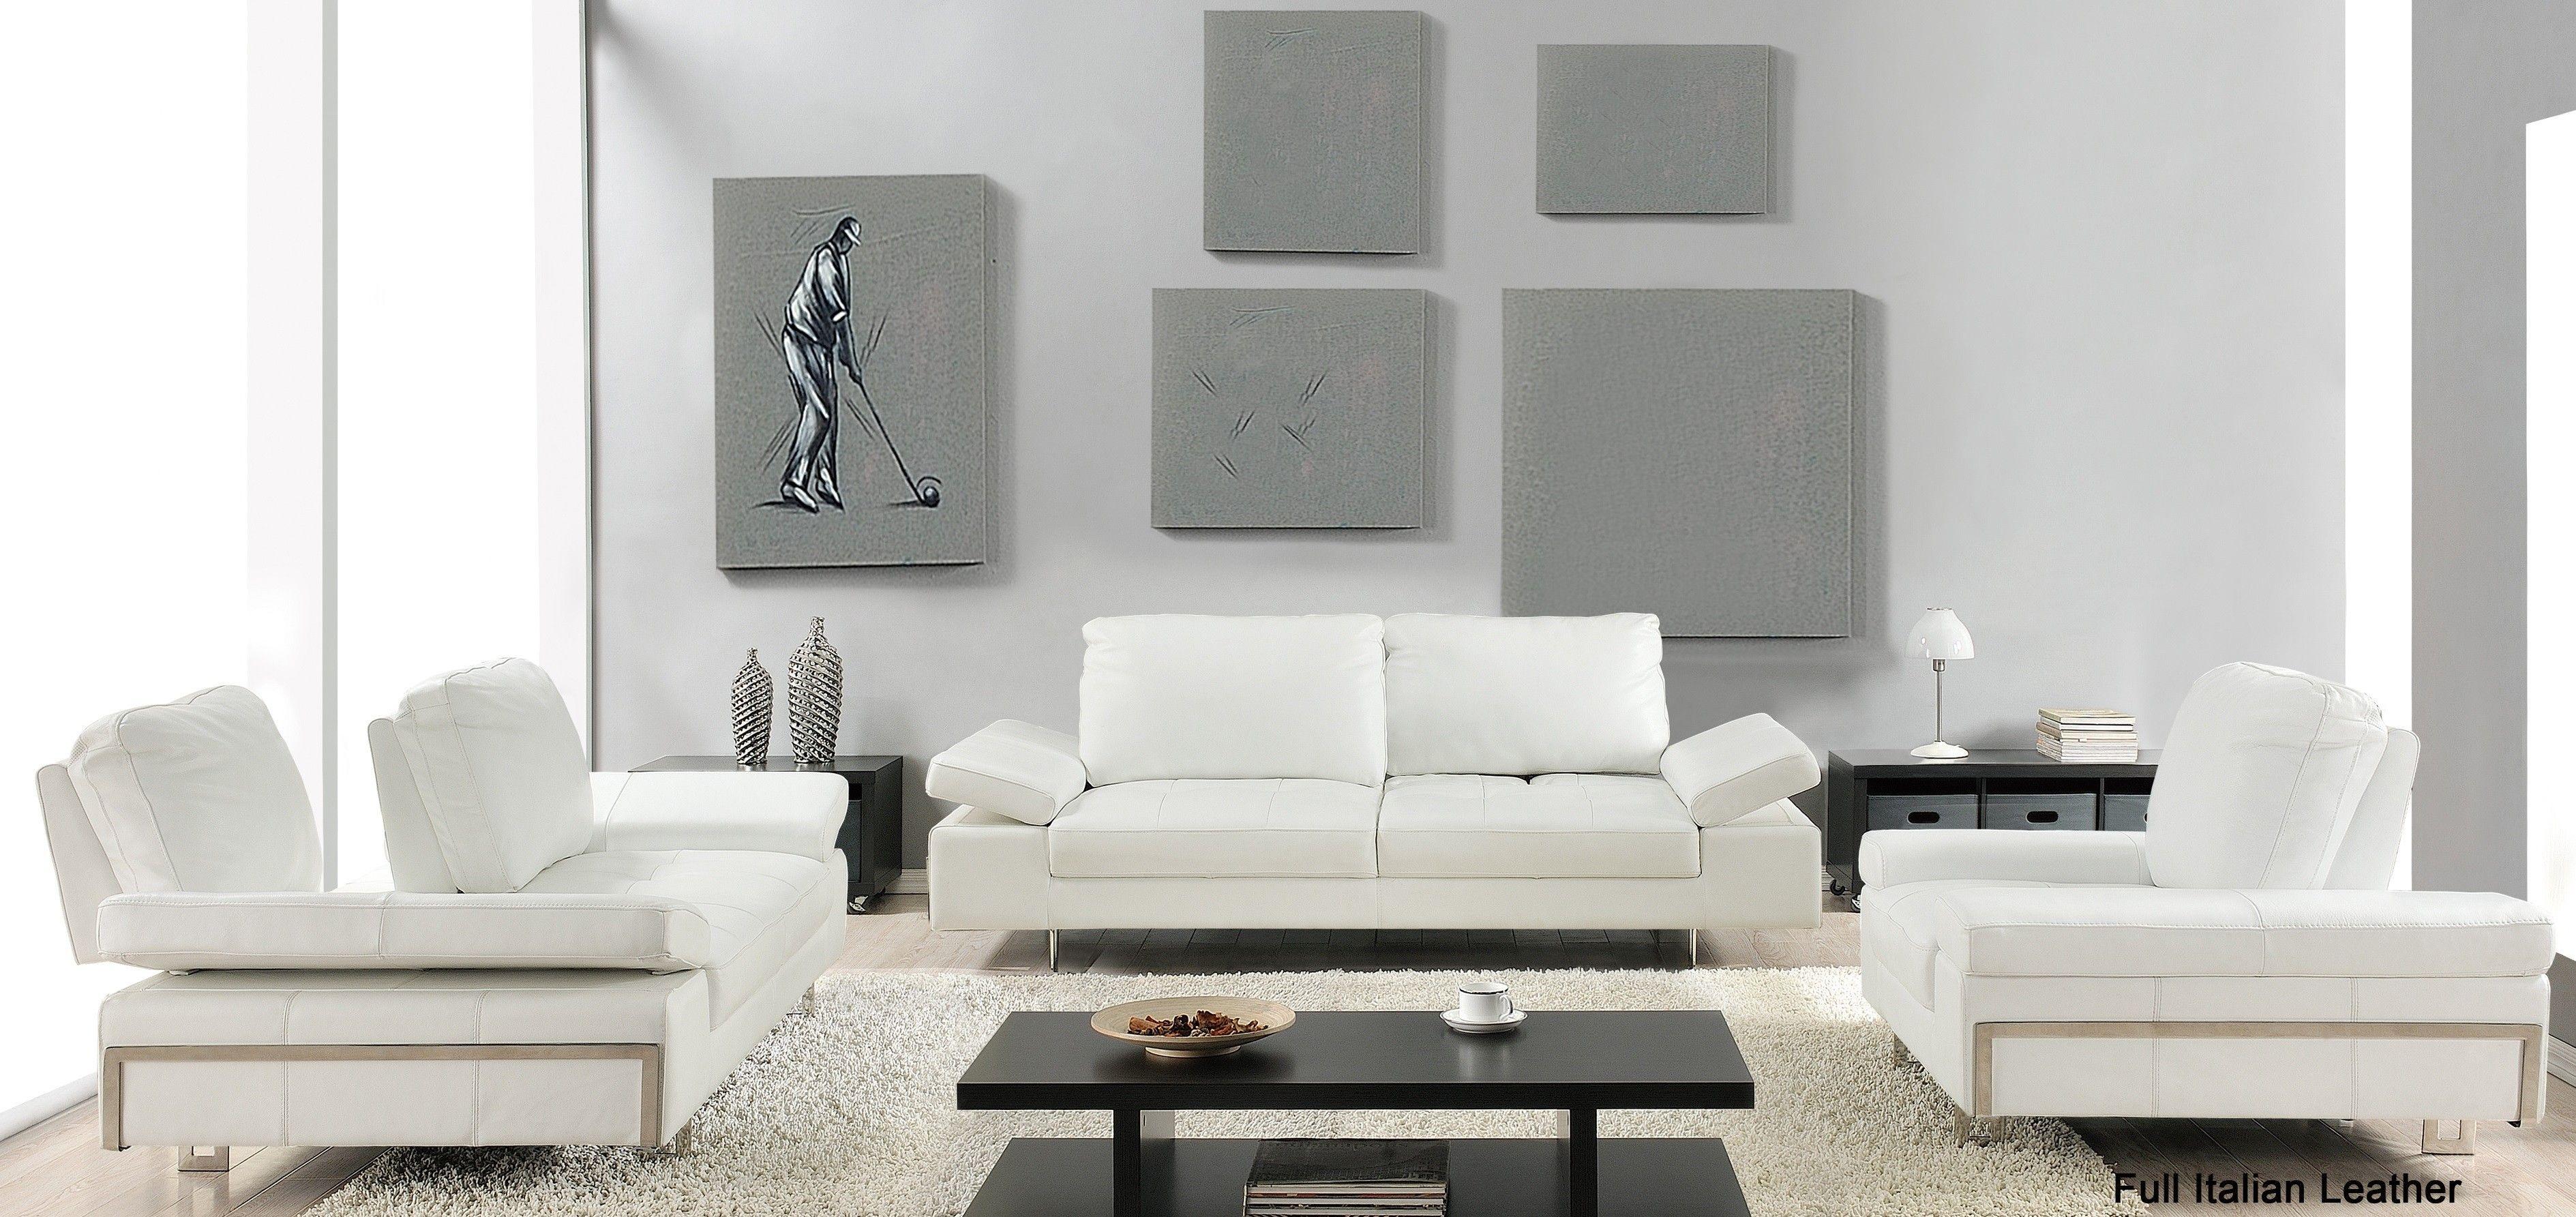 Evolve Contemporary Leather Sofa Set Leather Living Room Set Living Room Leather Contemporary Leather Sofa